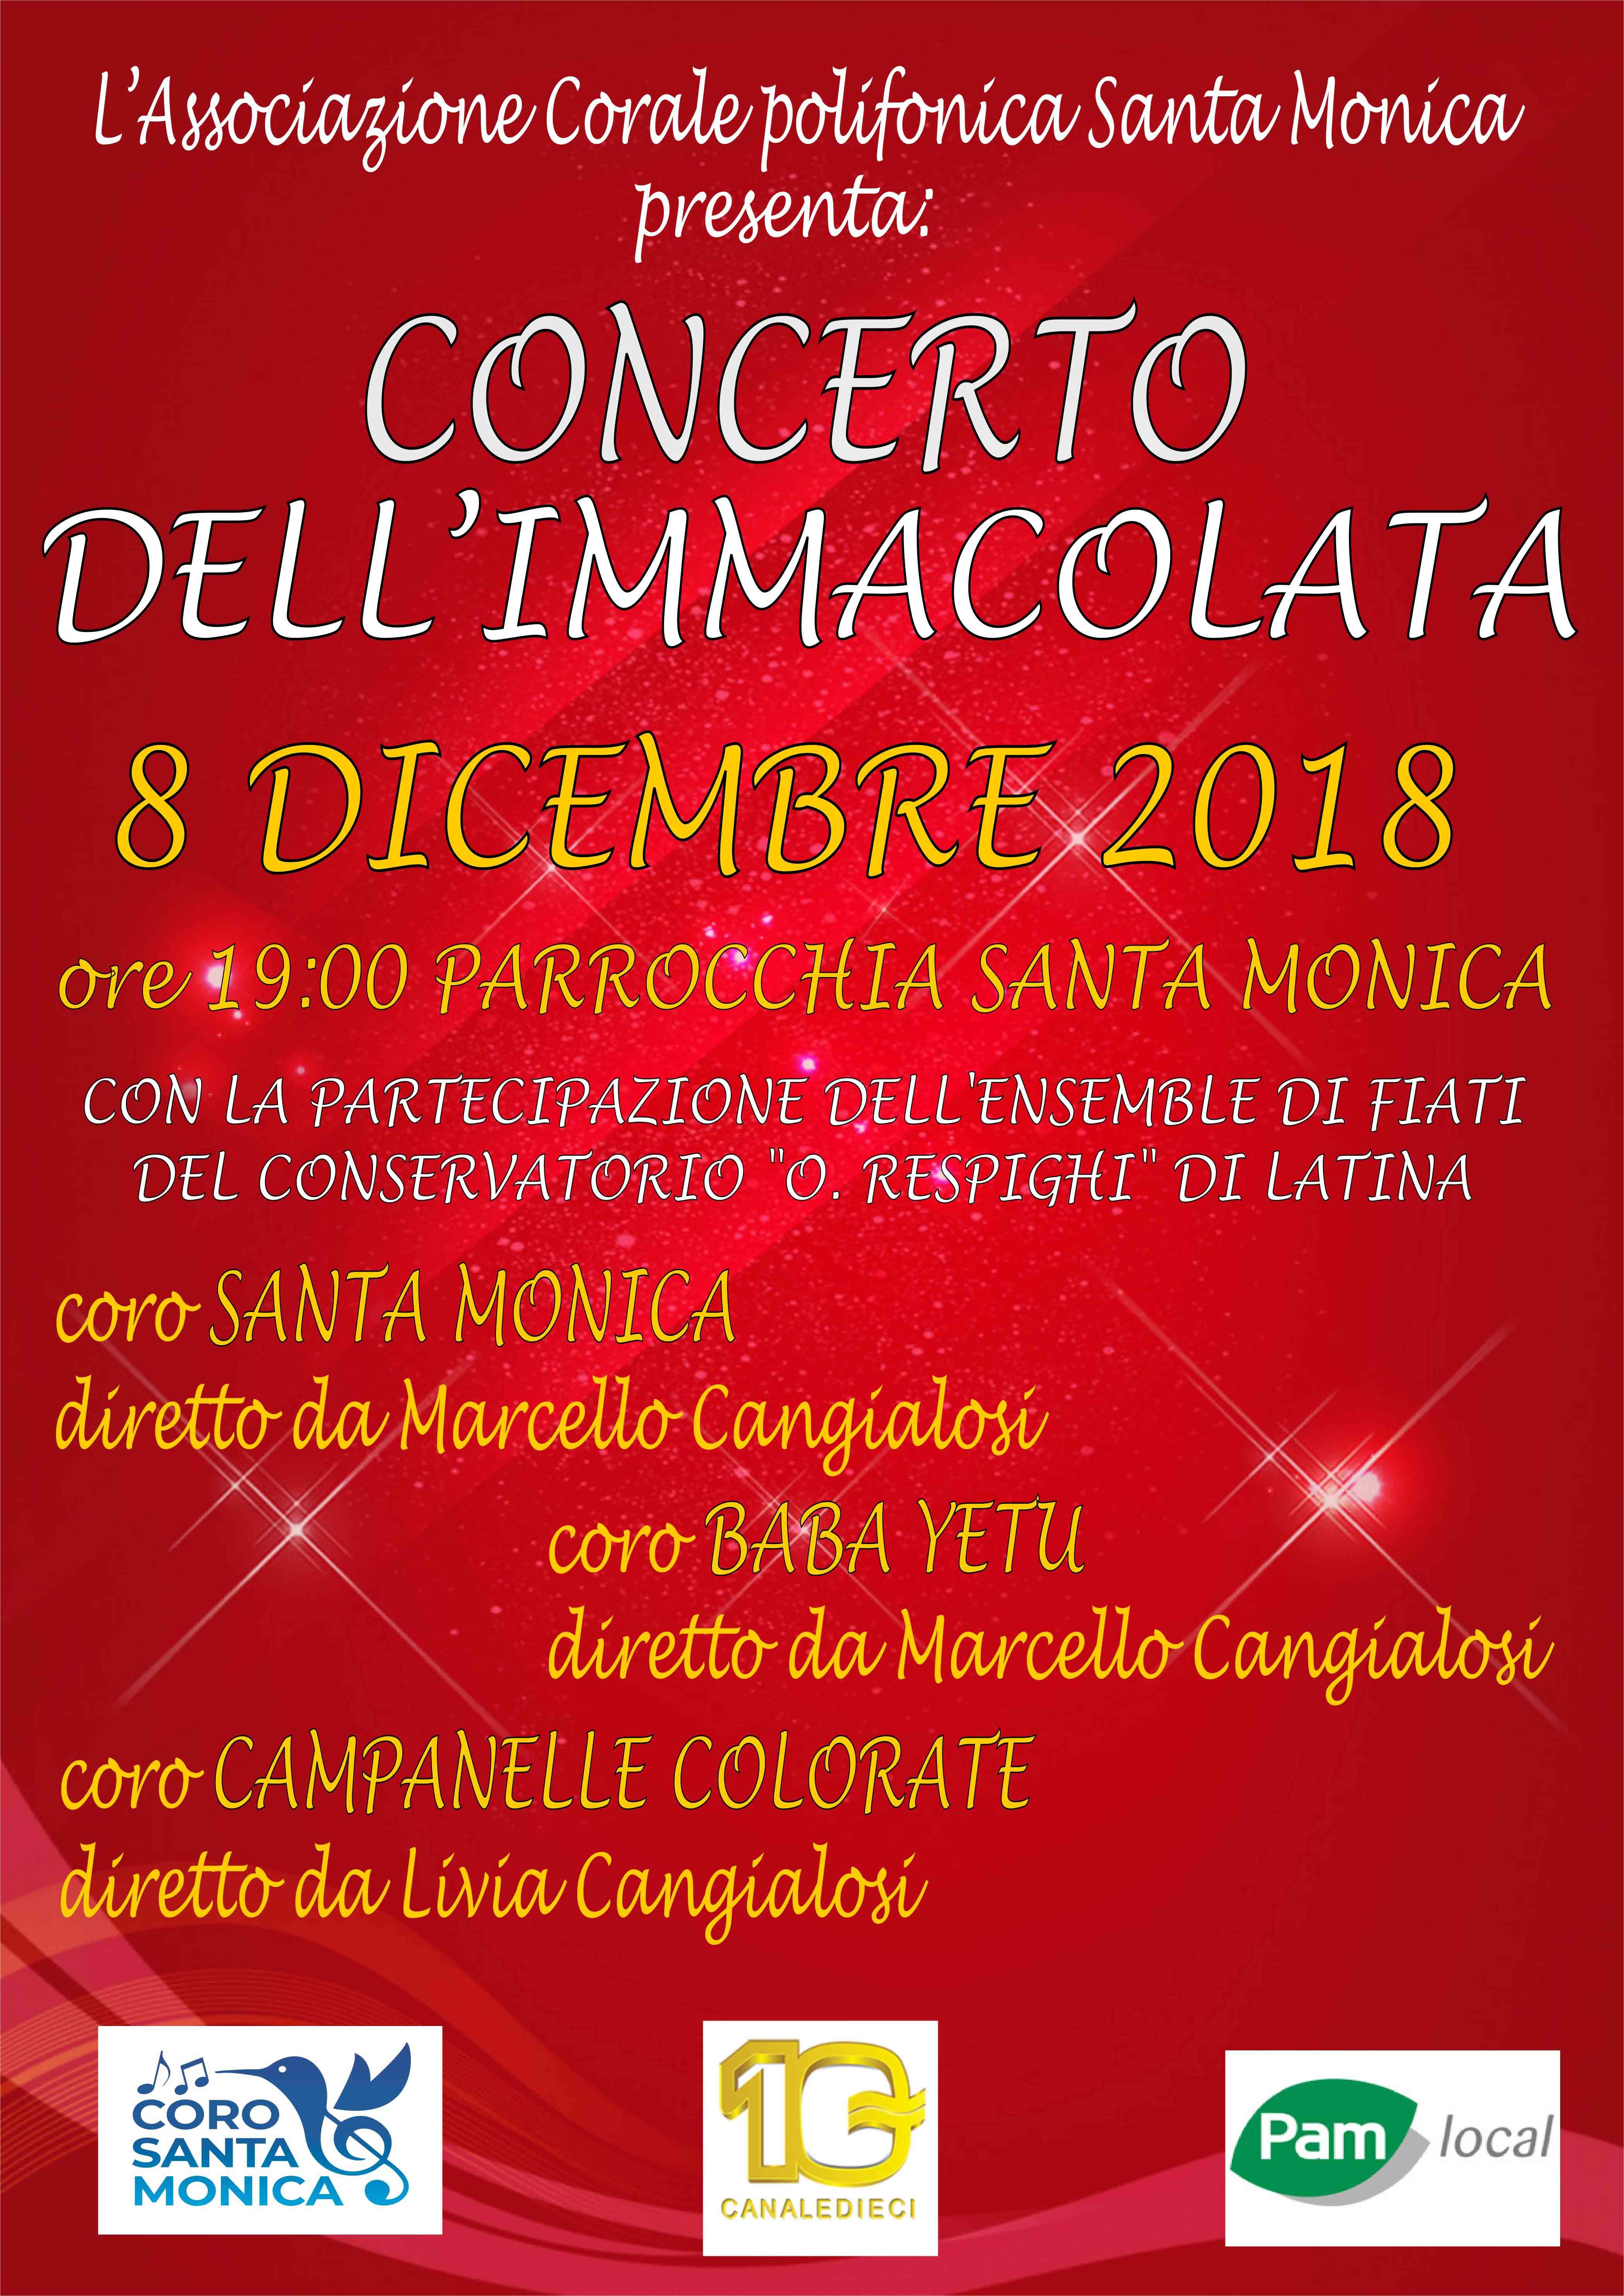 Concerto 8 dicembre